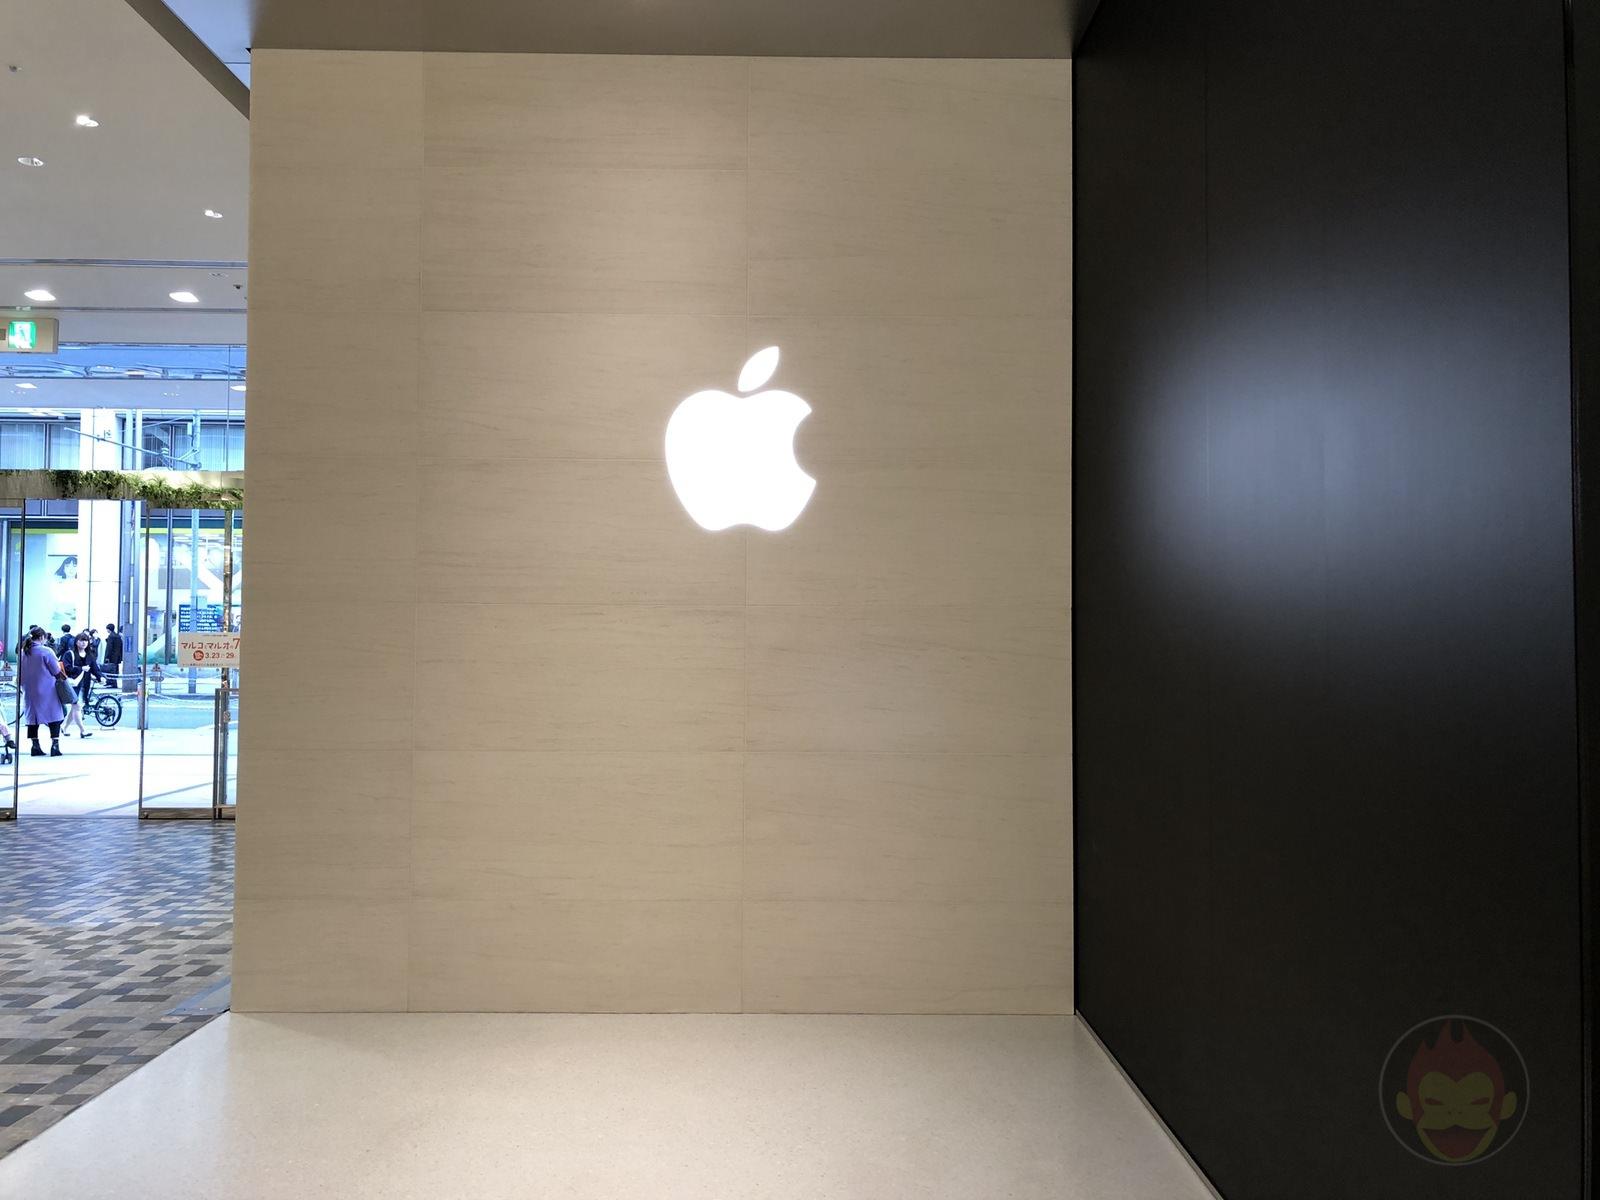 Apple-Shinjuku-During-the-Day-05.jpg